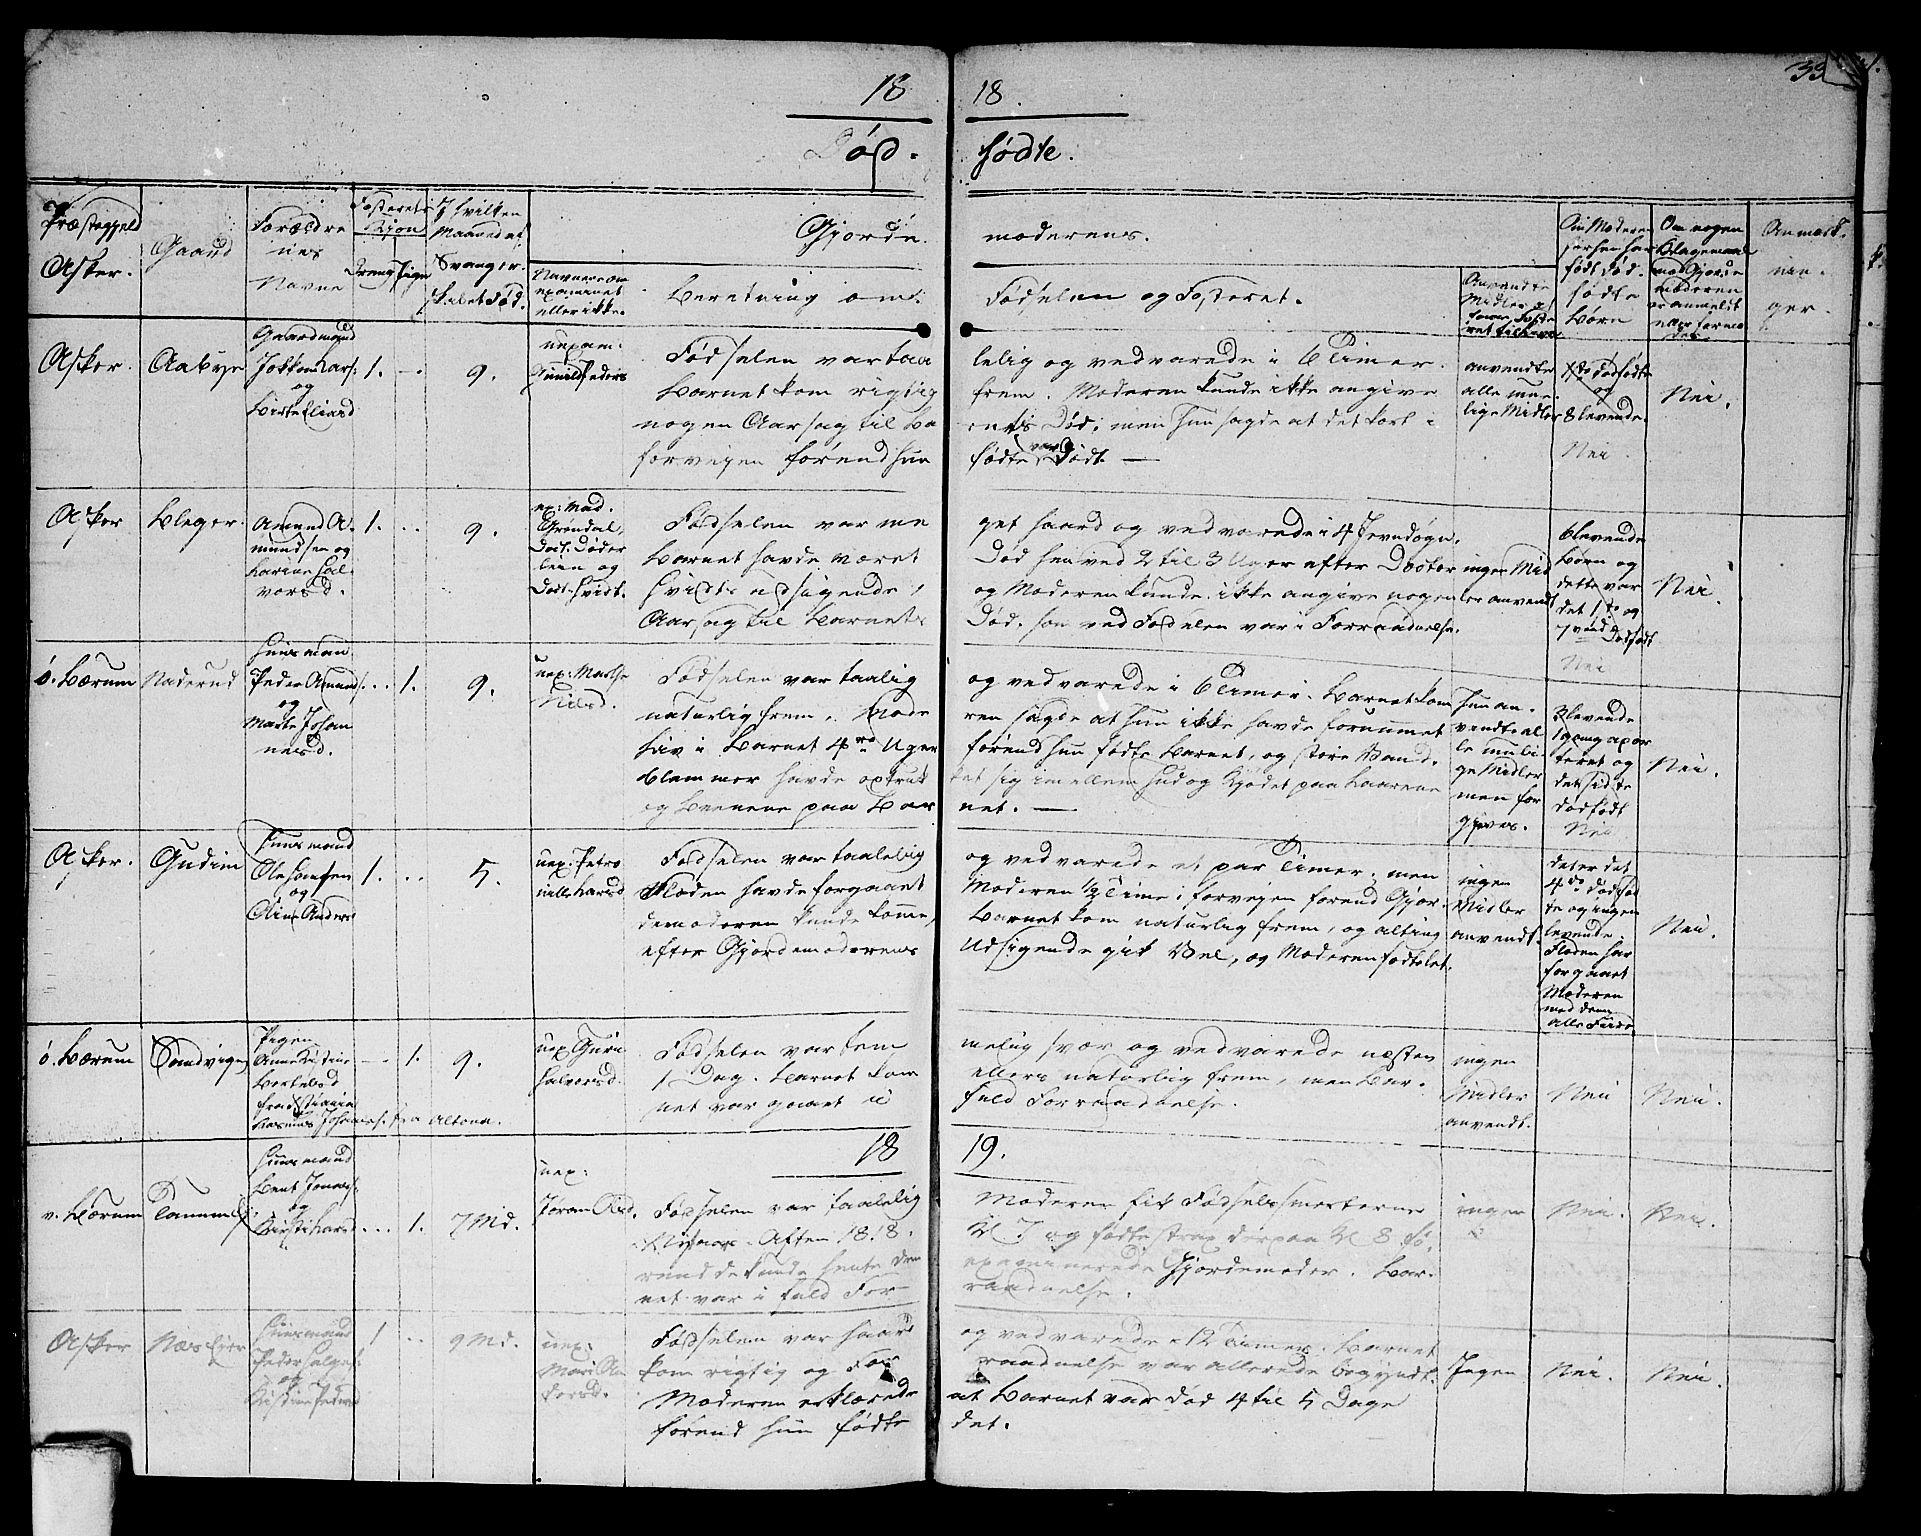 SAO, Asker prestekontor Kirkebøker, F/Fa/L0005: Ministerialbok nr. I 5, 1807-1813, s. 338